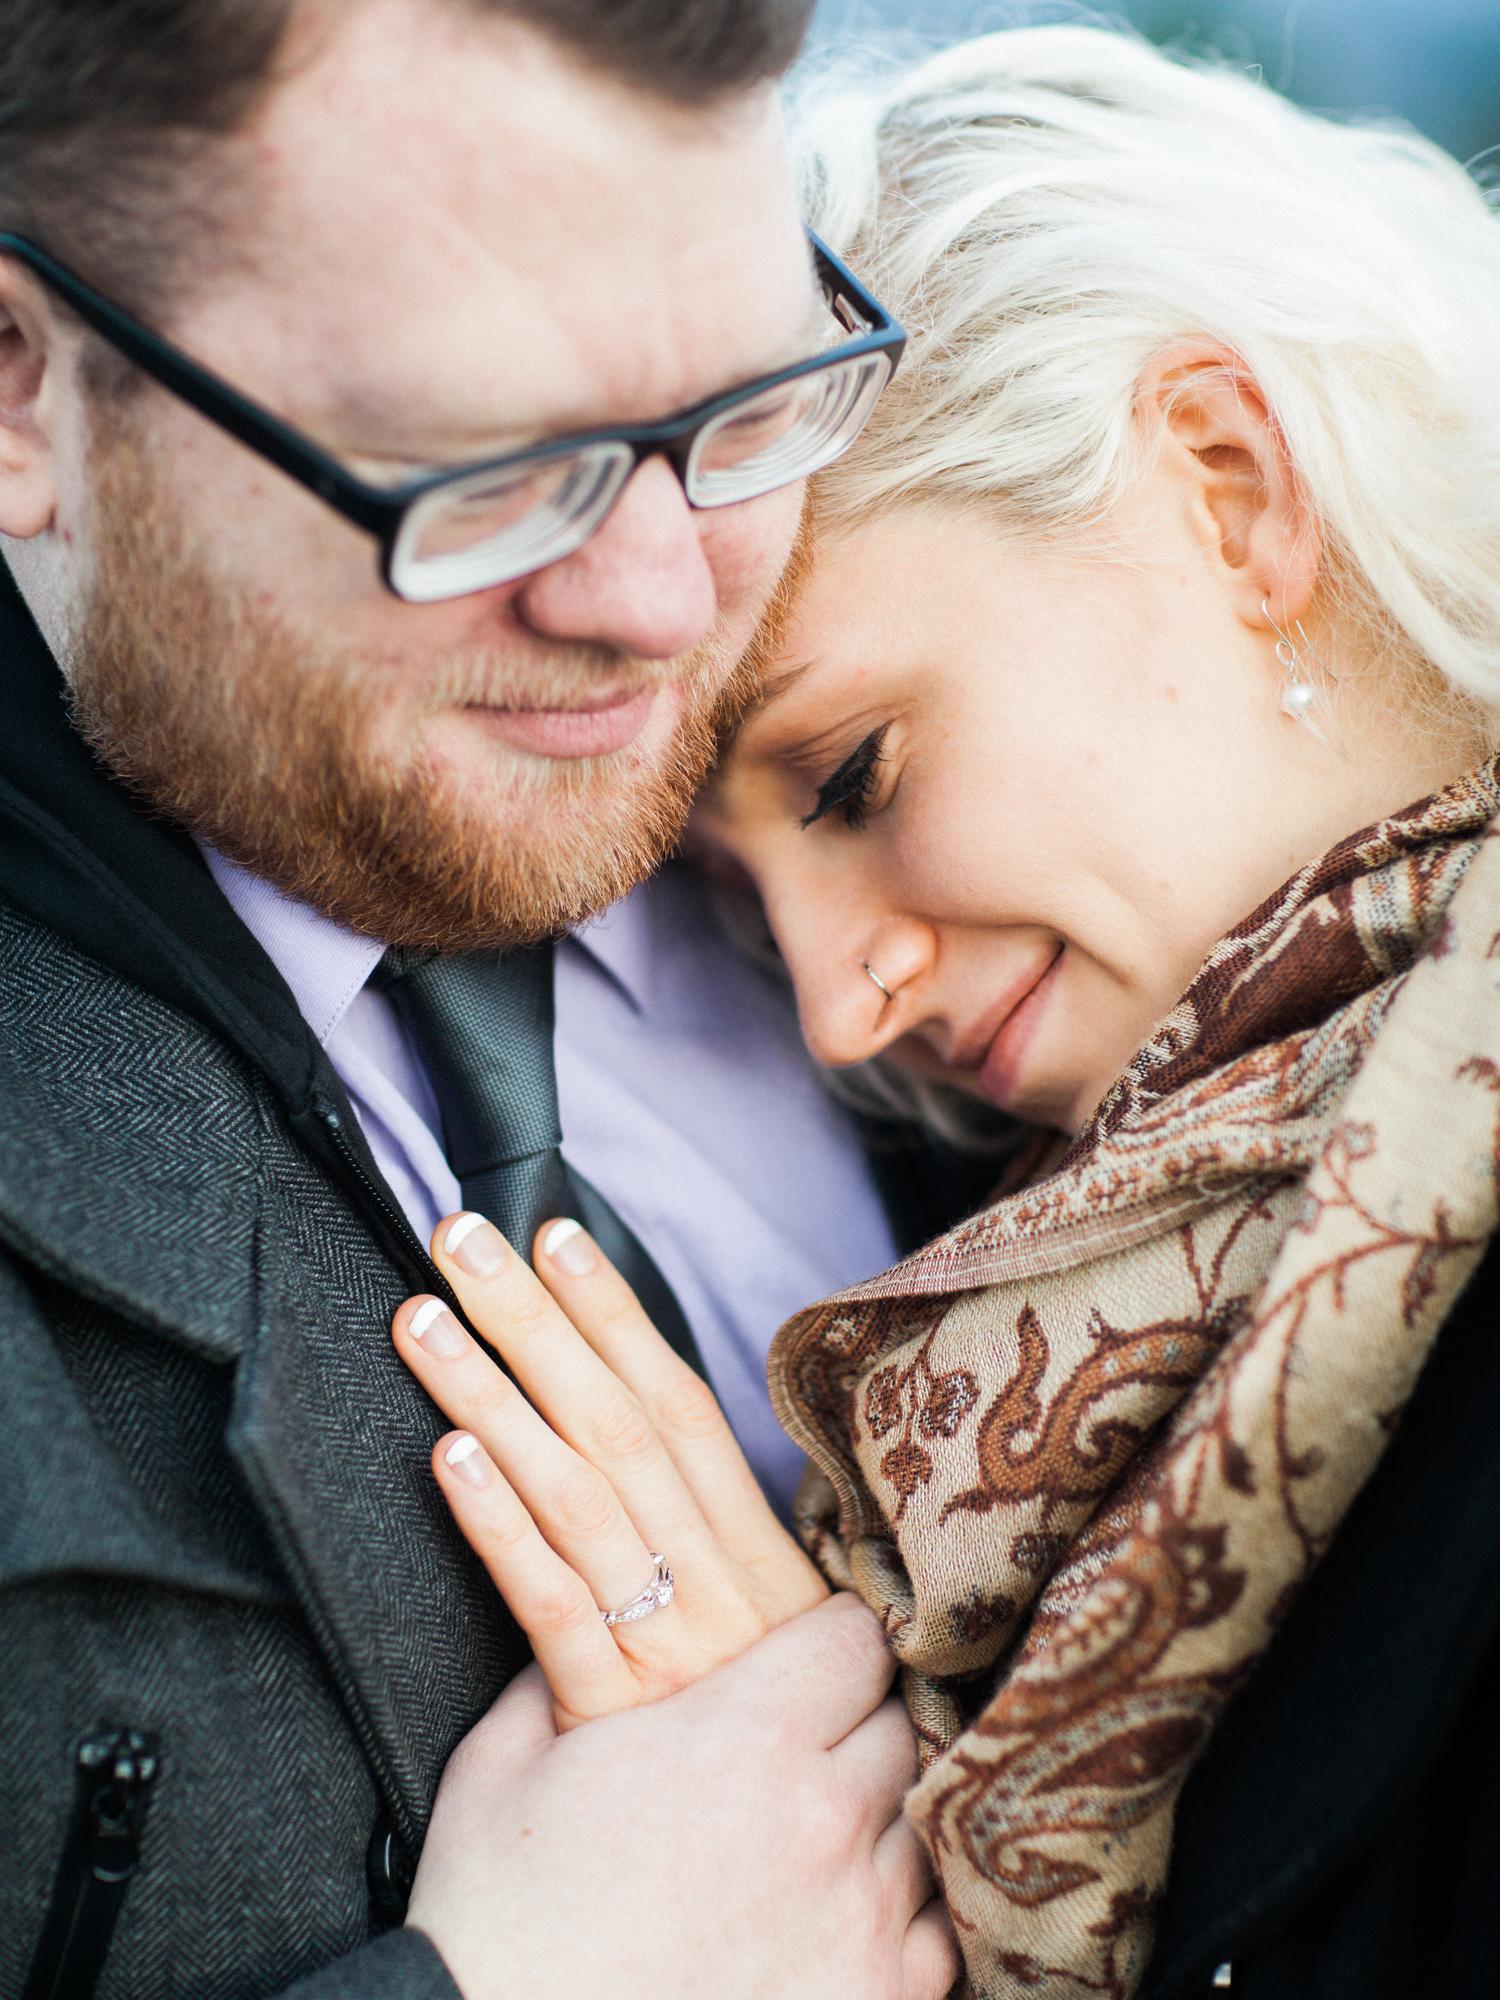 portland-oregon-engaged-engagement-couple-powel-butte-proposal